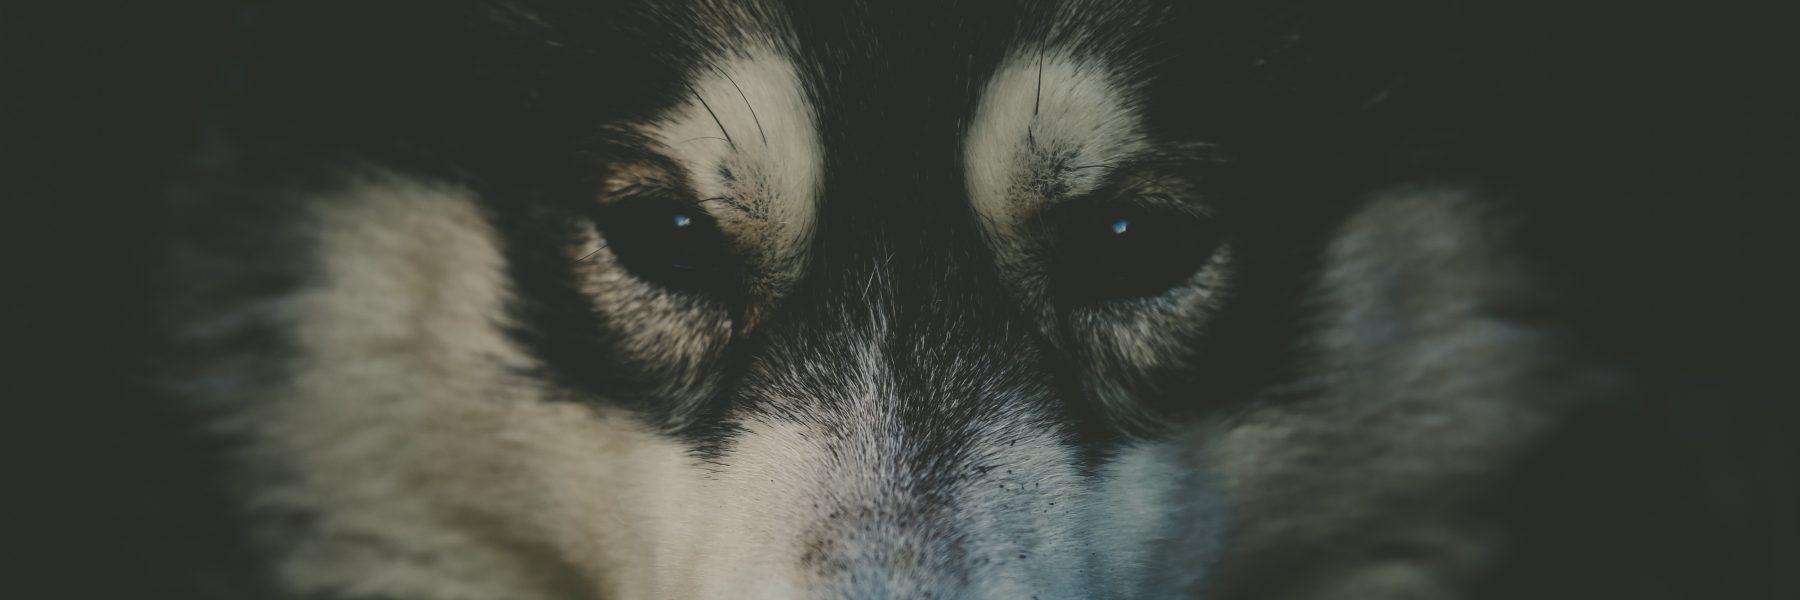 Borealis Sled Dog Adventures